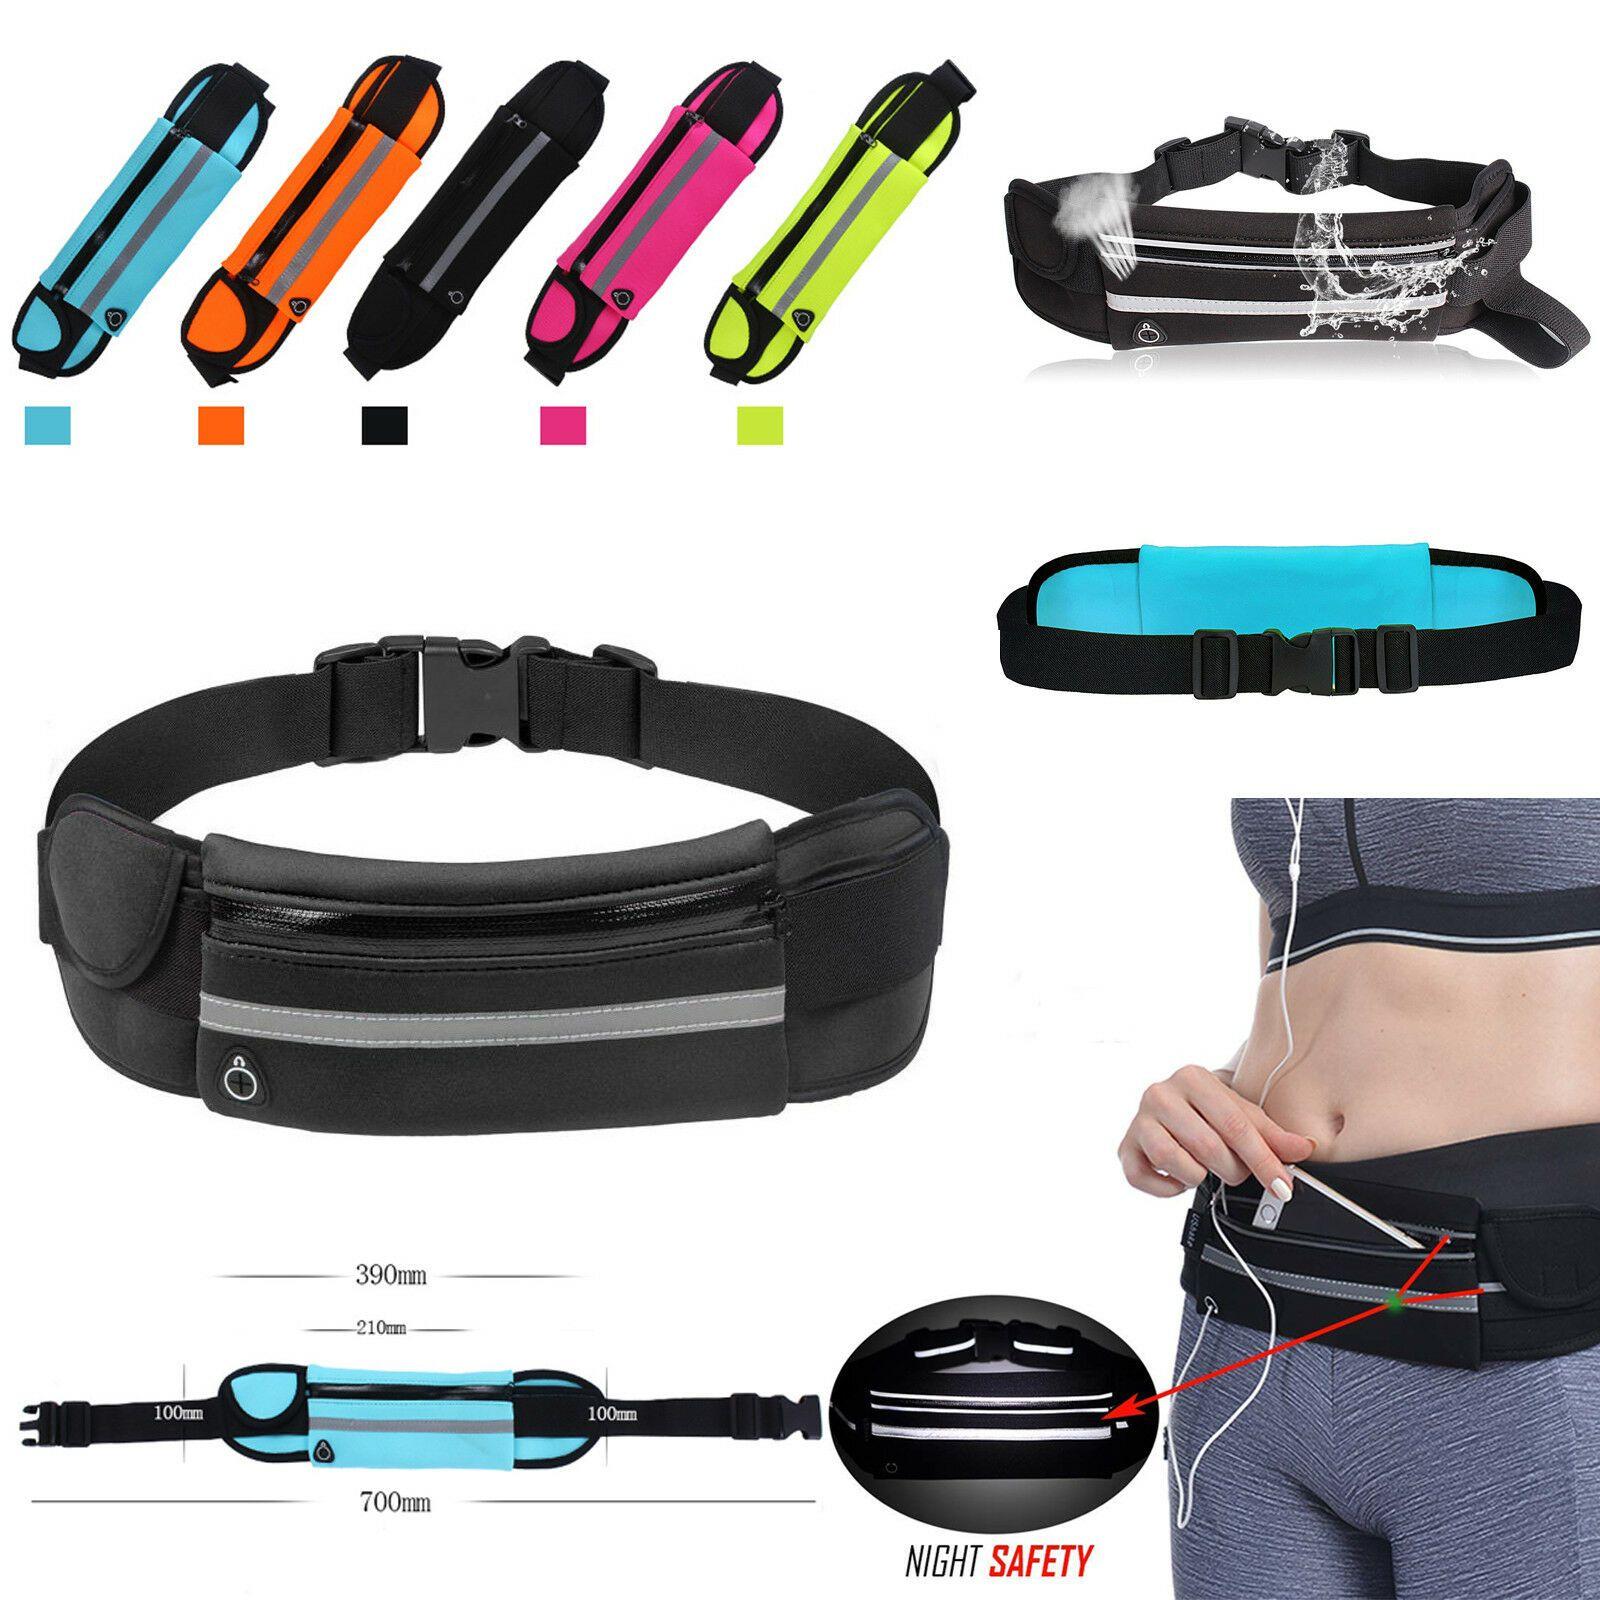 Unisex Bum Bag Waist Belt Pouch Sport Running Jogging Mobile Money Pack Outdoor